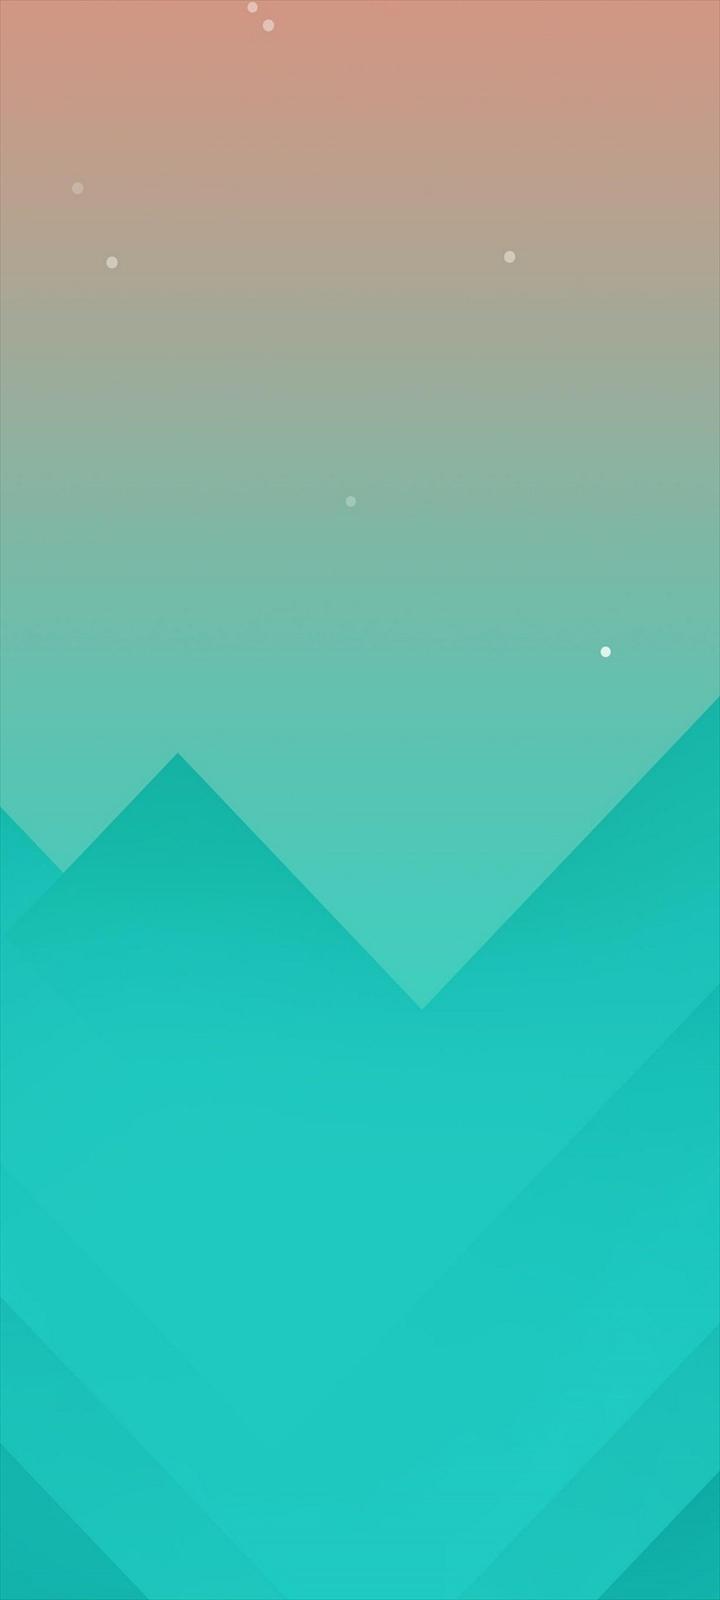 シンプルな空と山のイラスト Oppo A5 Androidスマホ壁紙 待ち受け スマラン